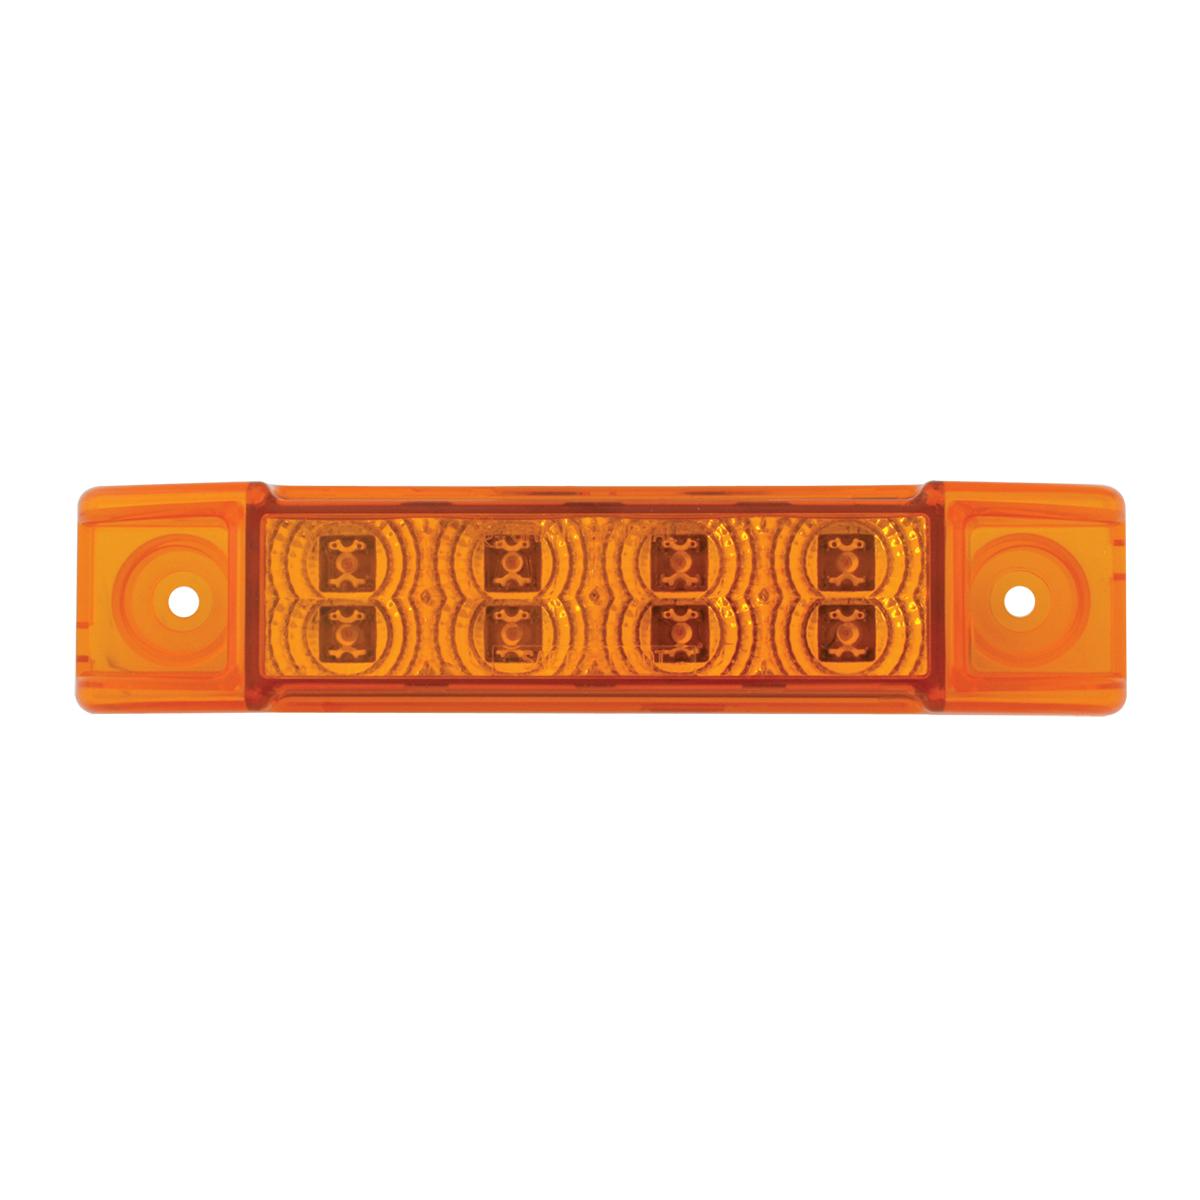 75180 Rectangular Spyder Dual Function LED Light